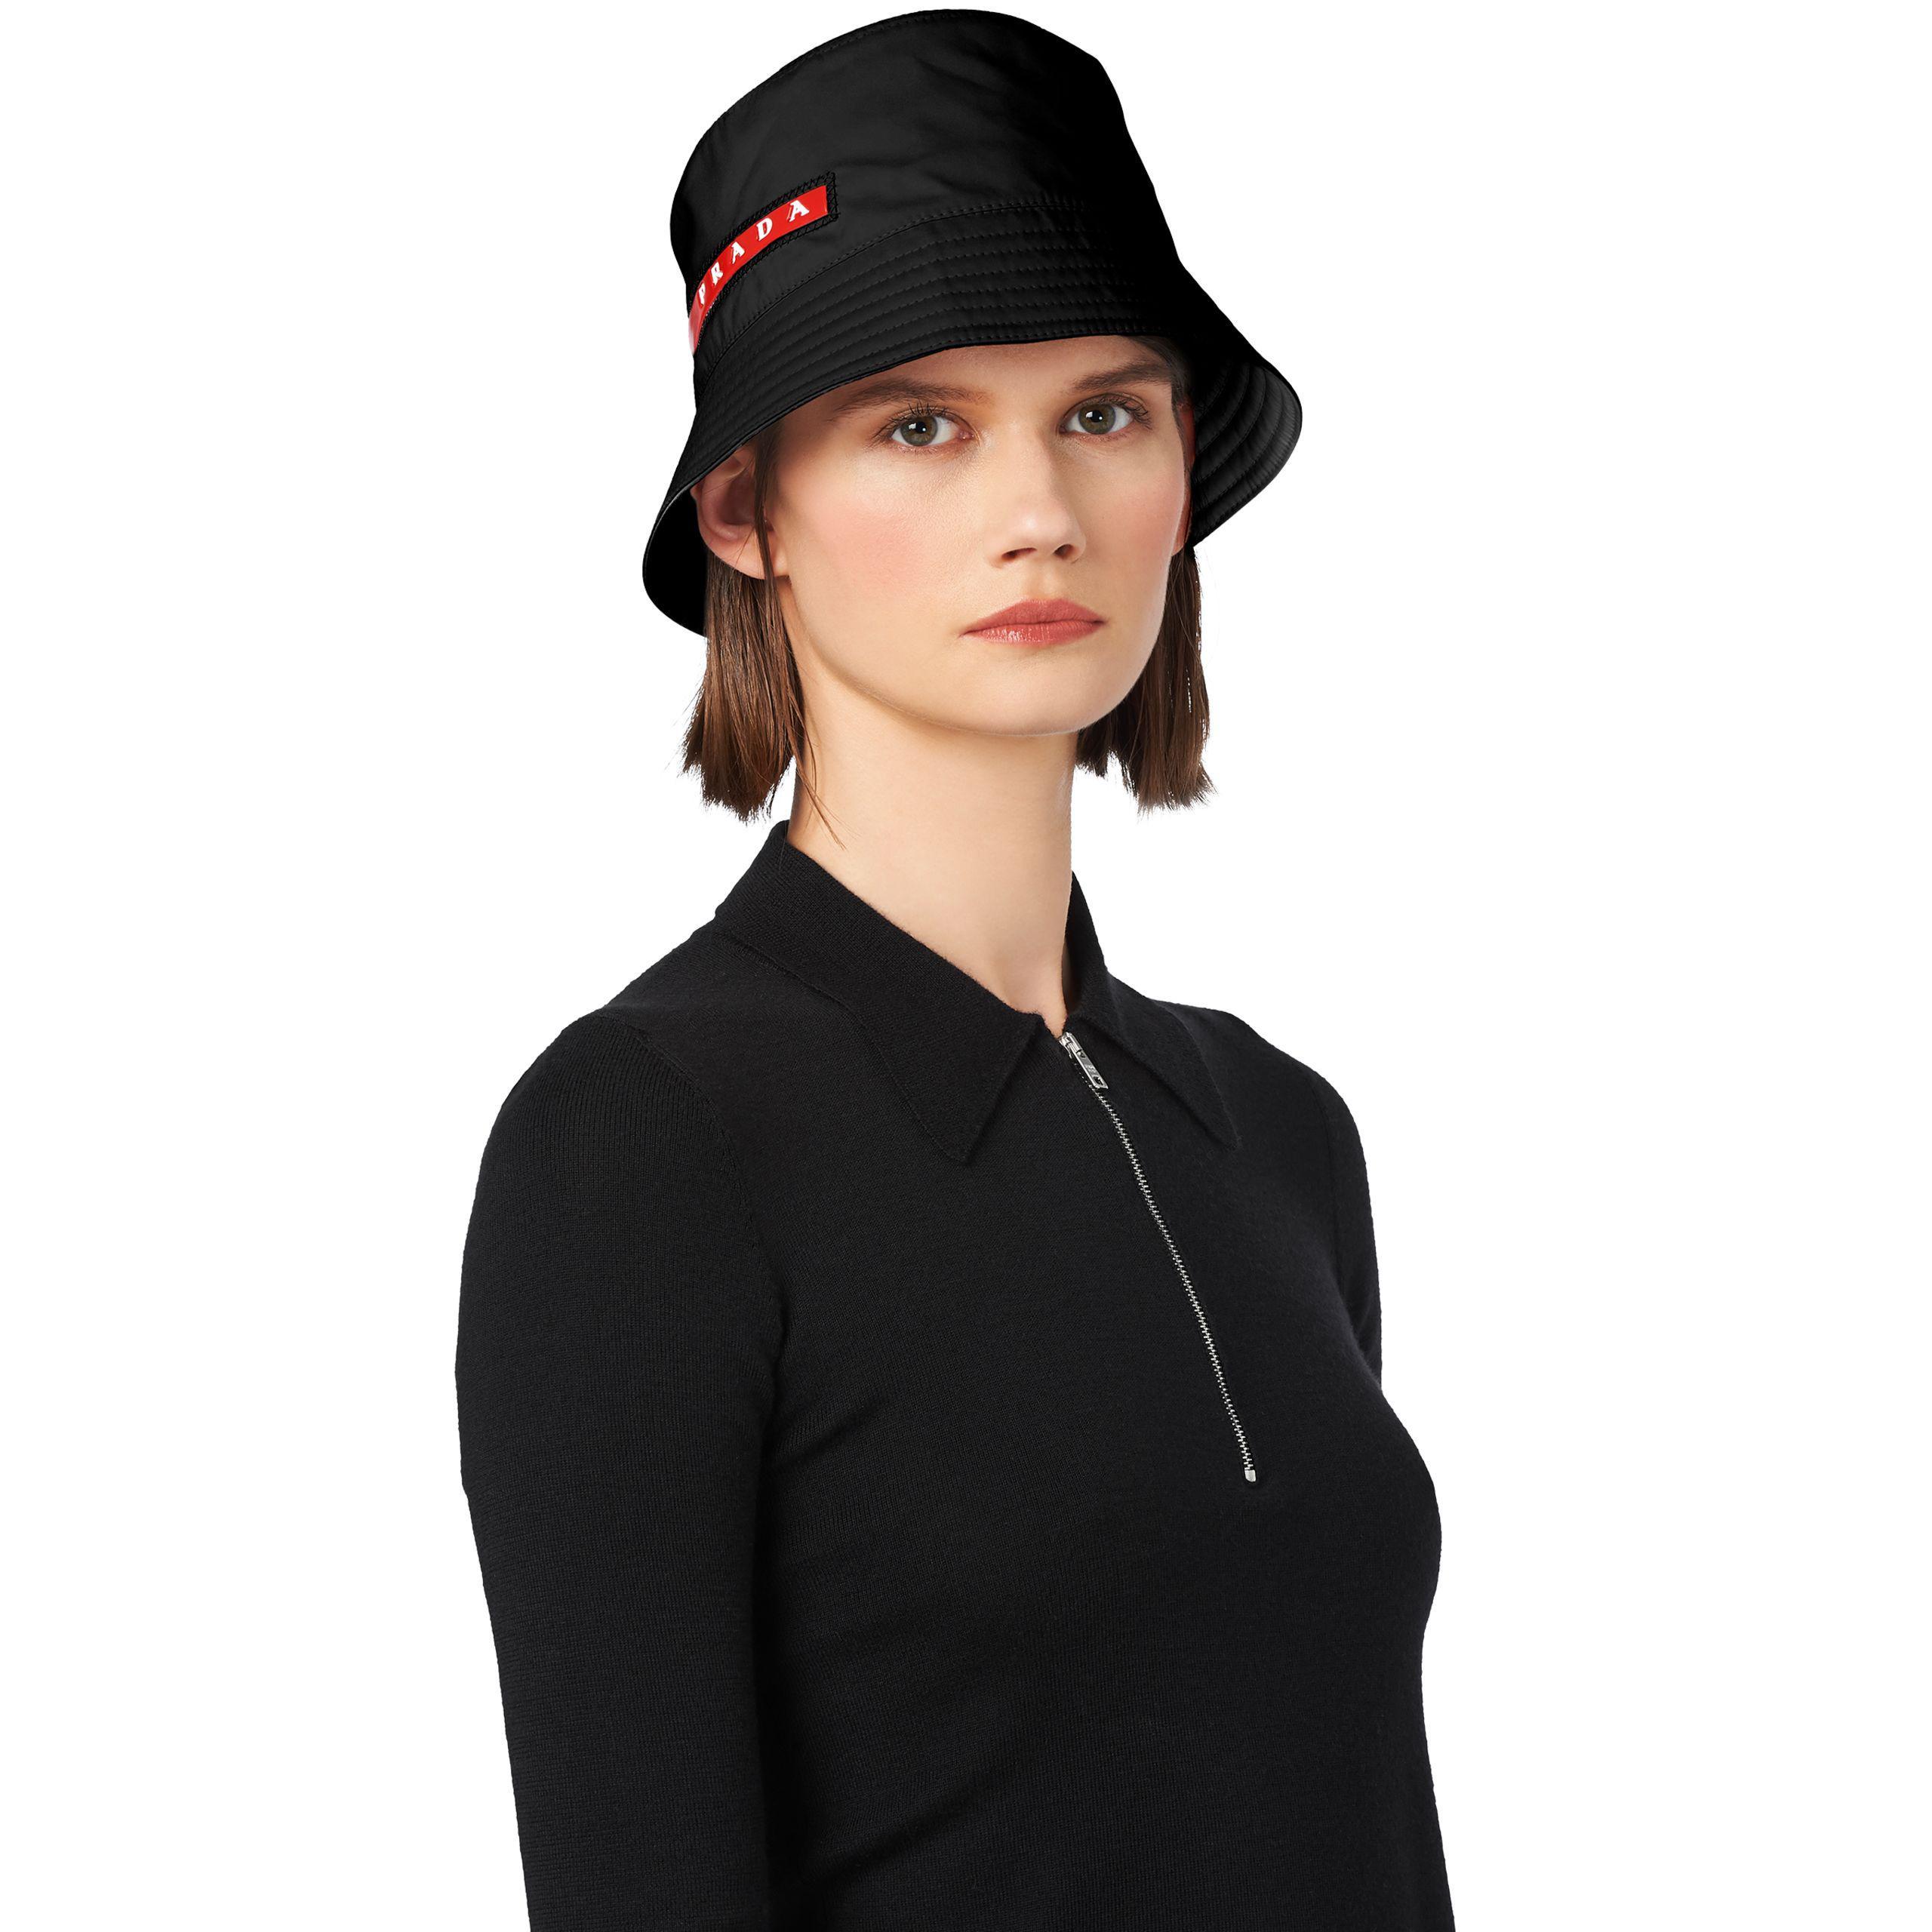 127e4ca7903 Lyst - Prada Technical Fabric Cap in Black